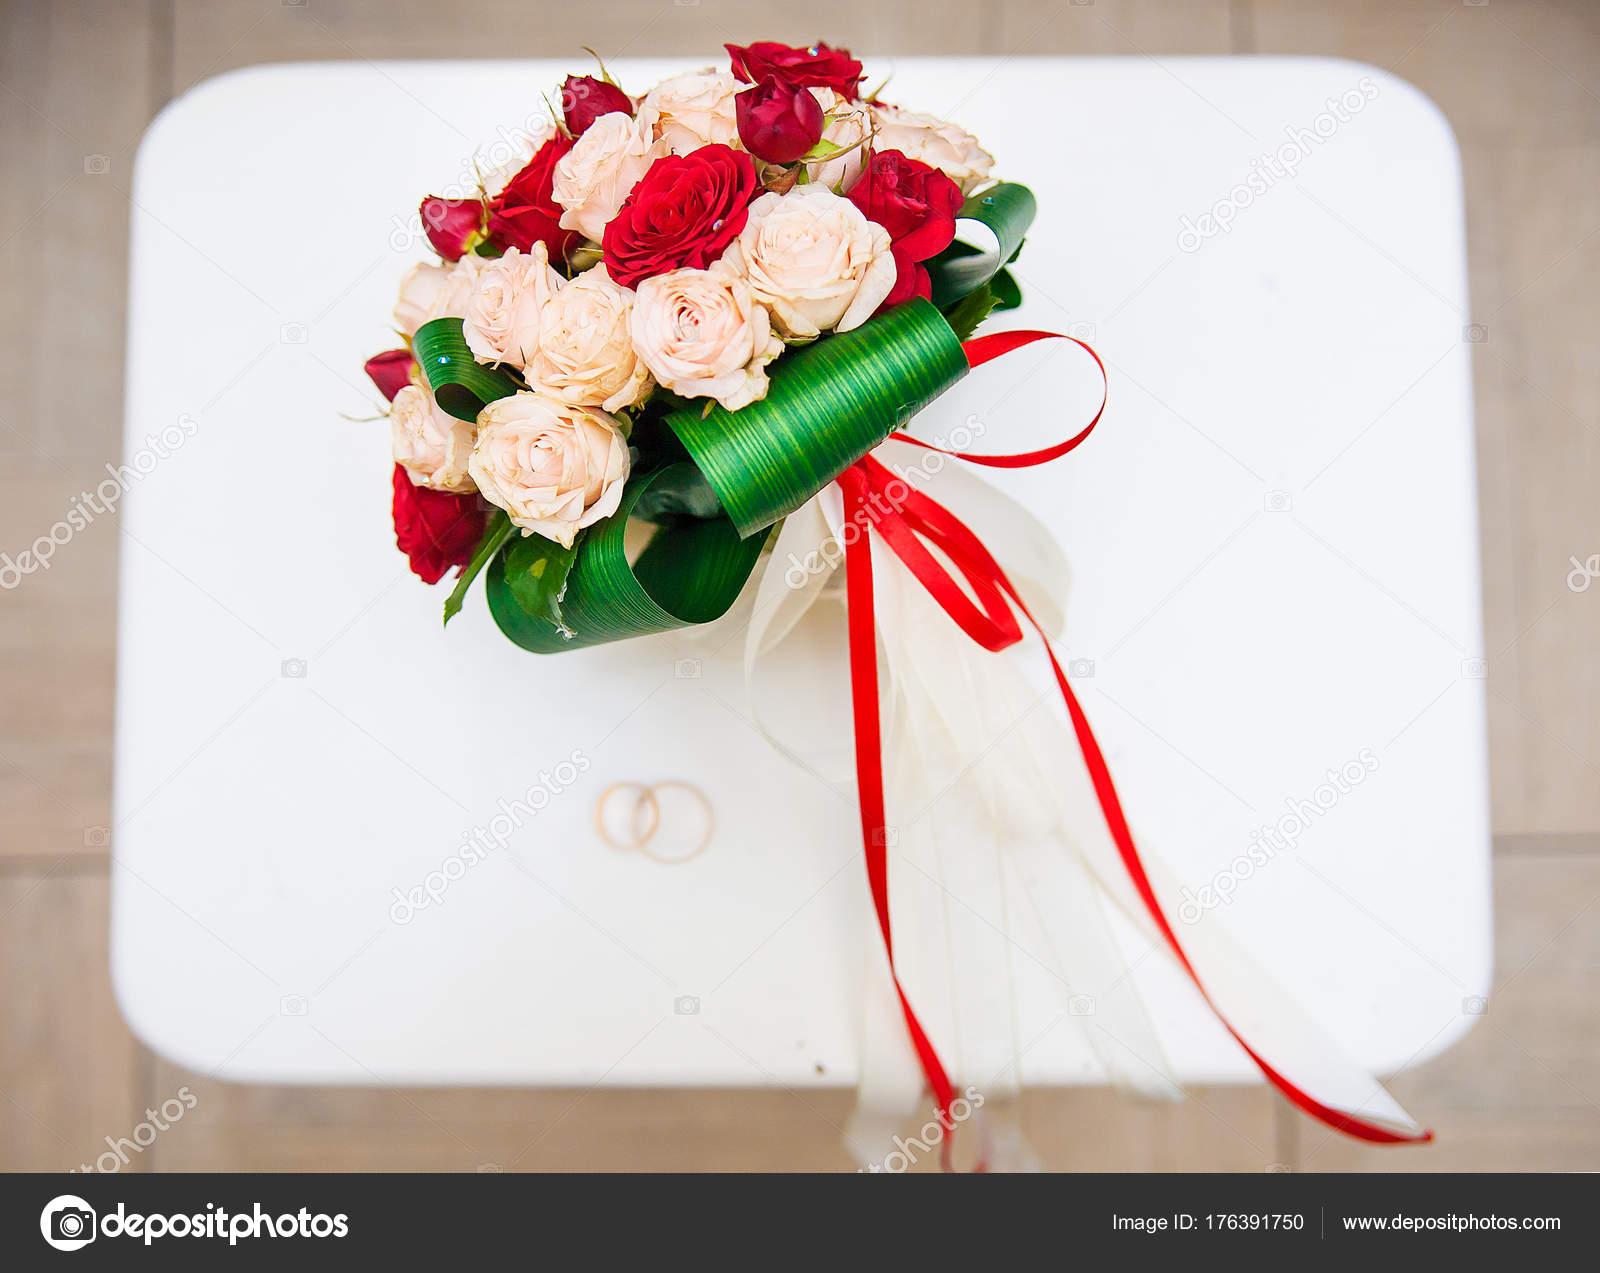 Ramo Con Flores Rojas Y Blancas En Una Silla Con Un Anillo De Boda